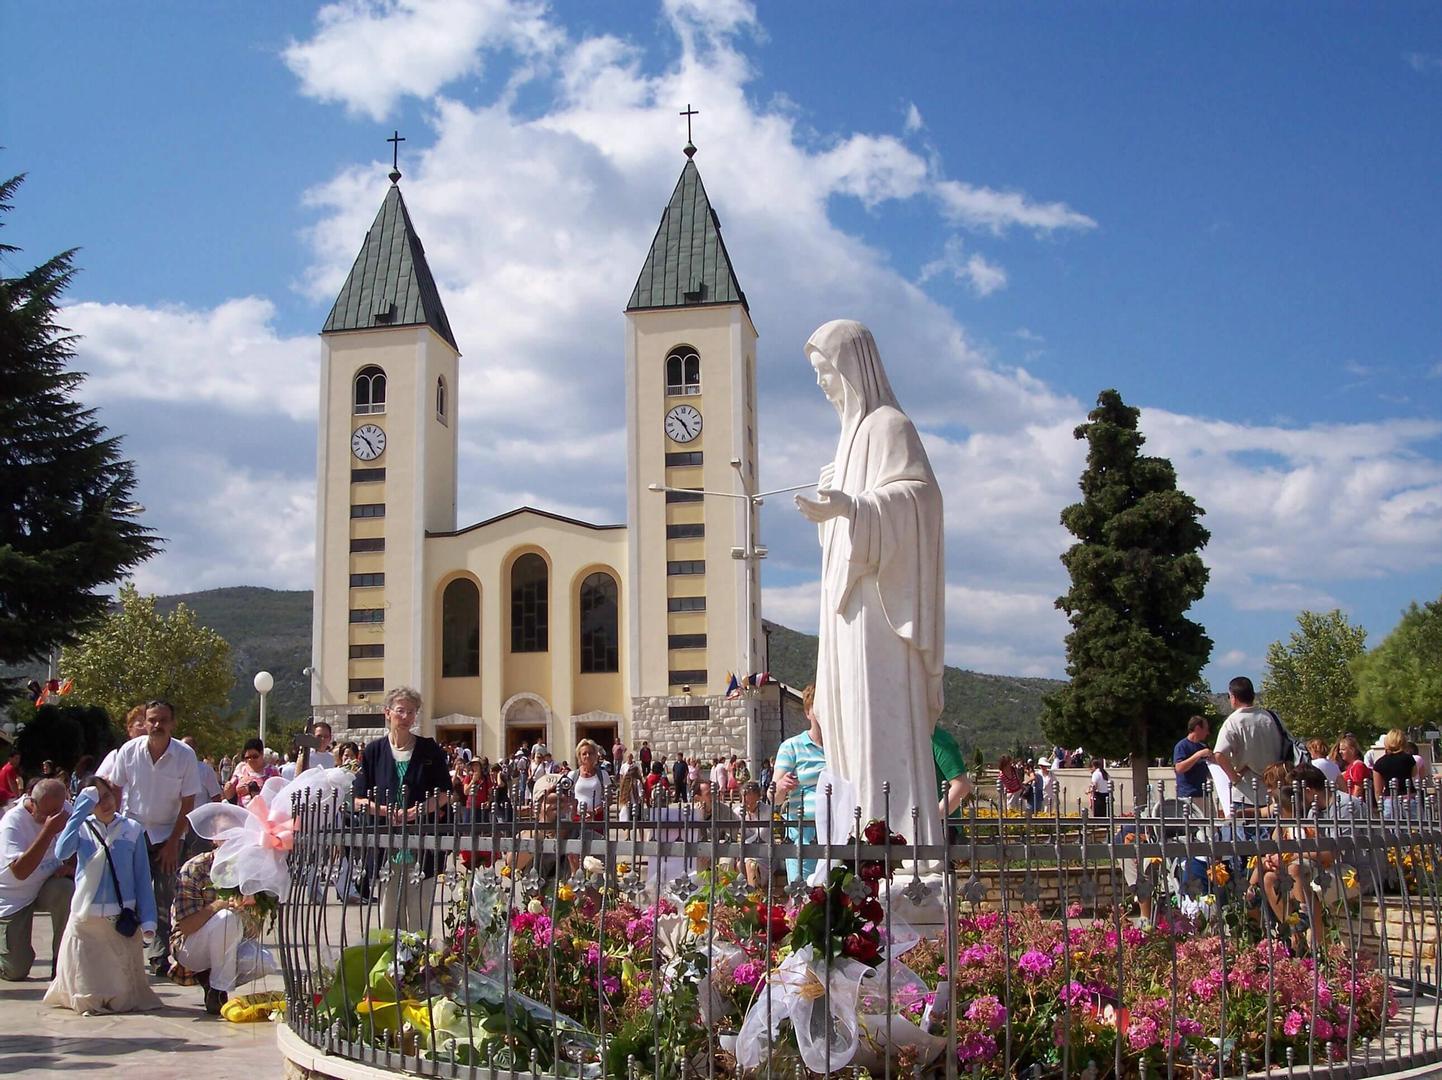 Het Mariabeeld op het voorplein van de kerk